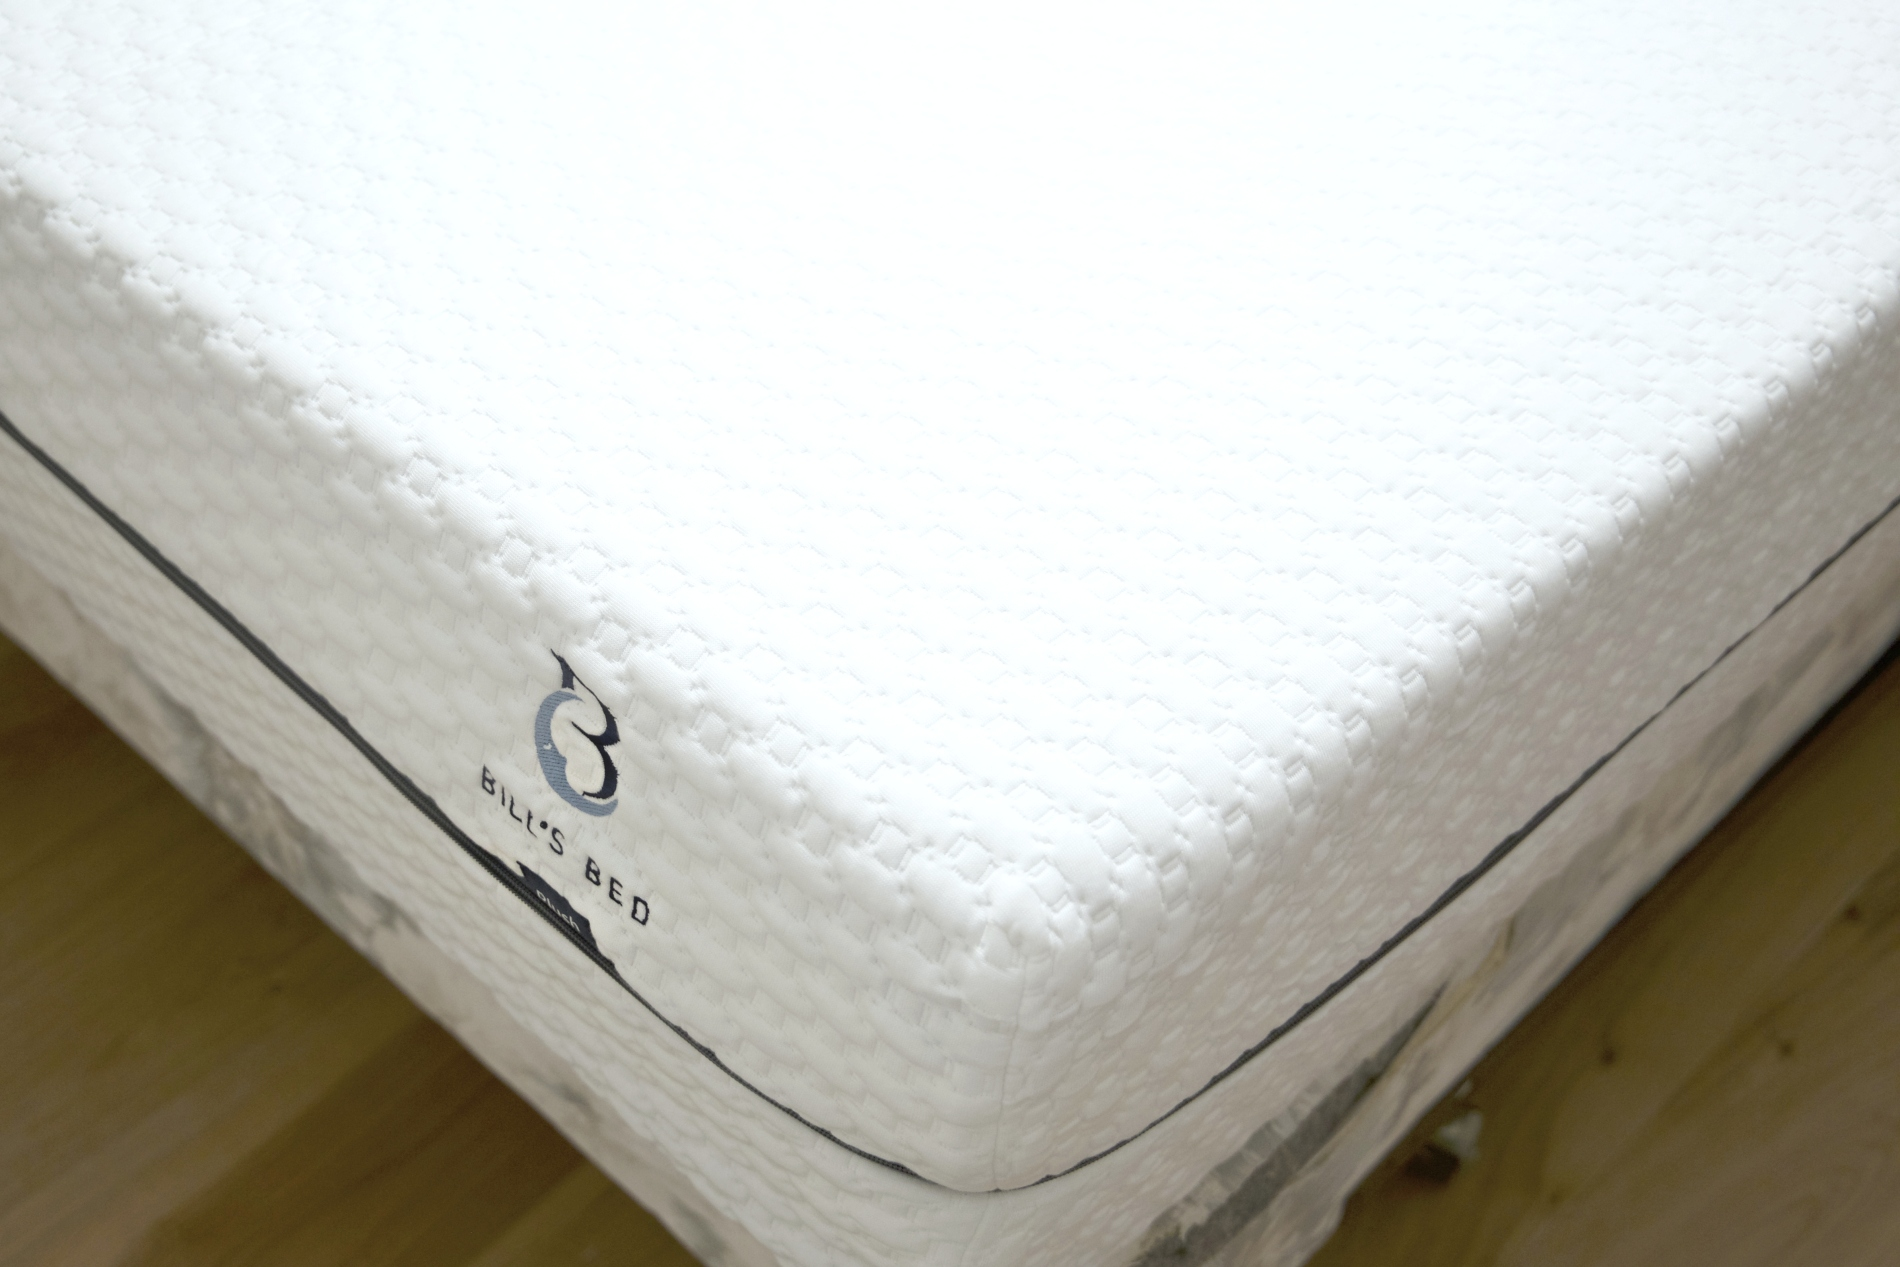 Bill's Bed 1.jpg